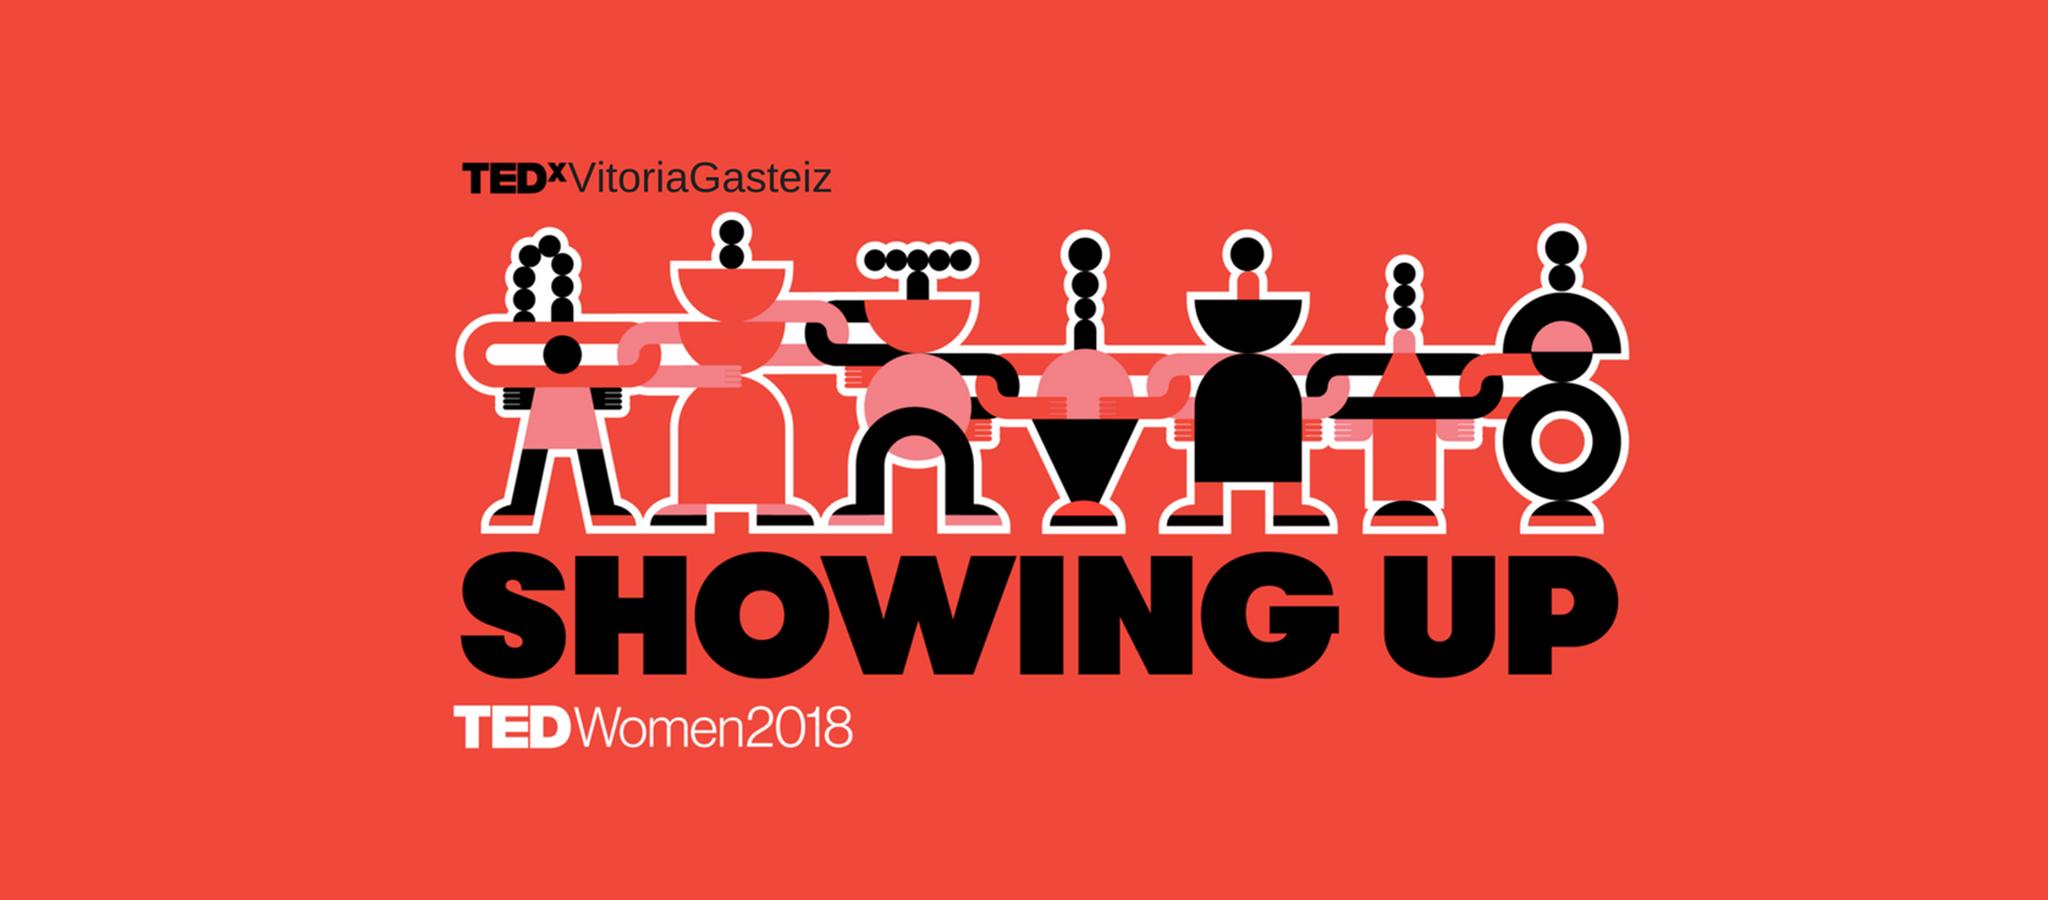 TEDxWomenVitoriaGasteiz